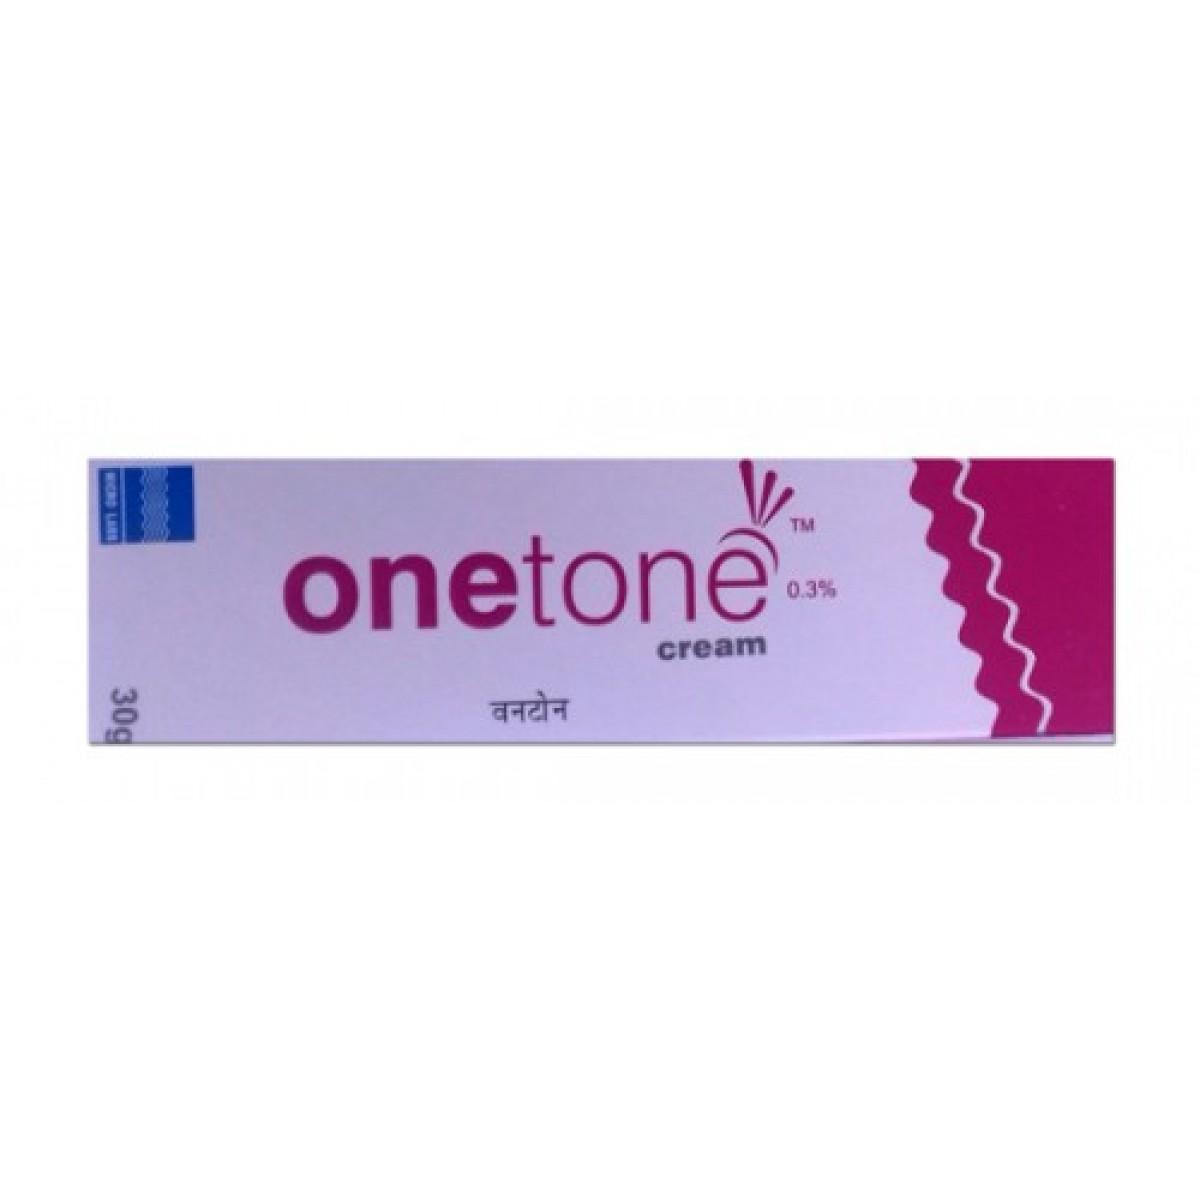 Onetone cream 30g